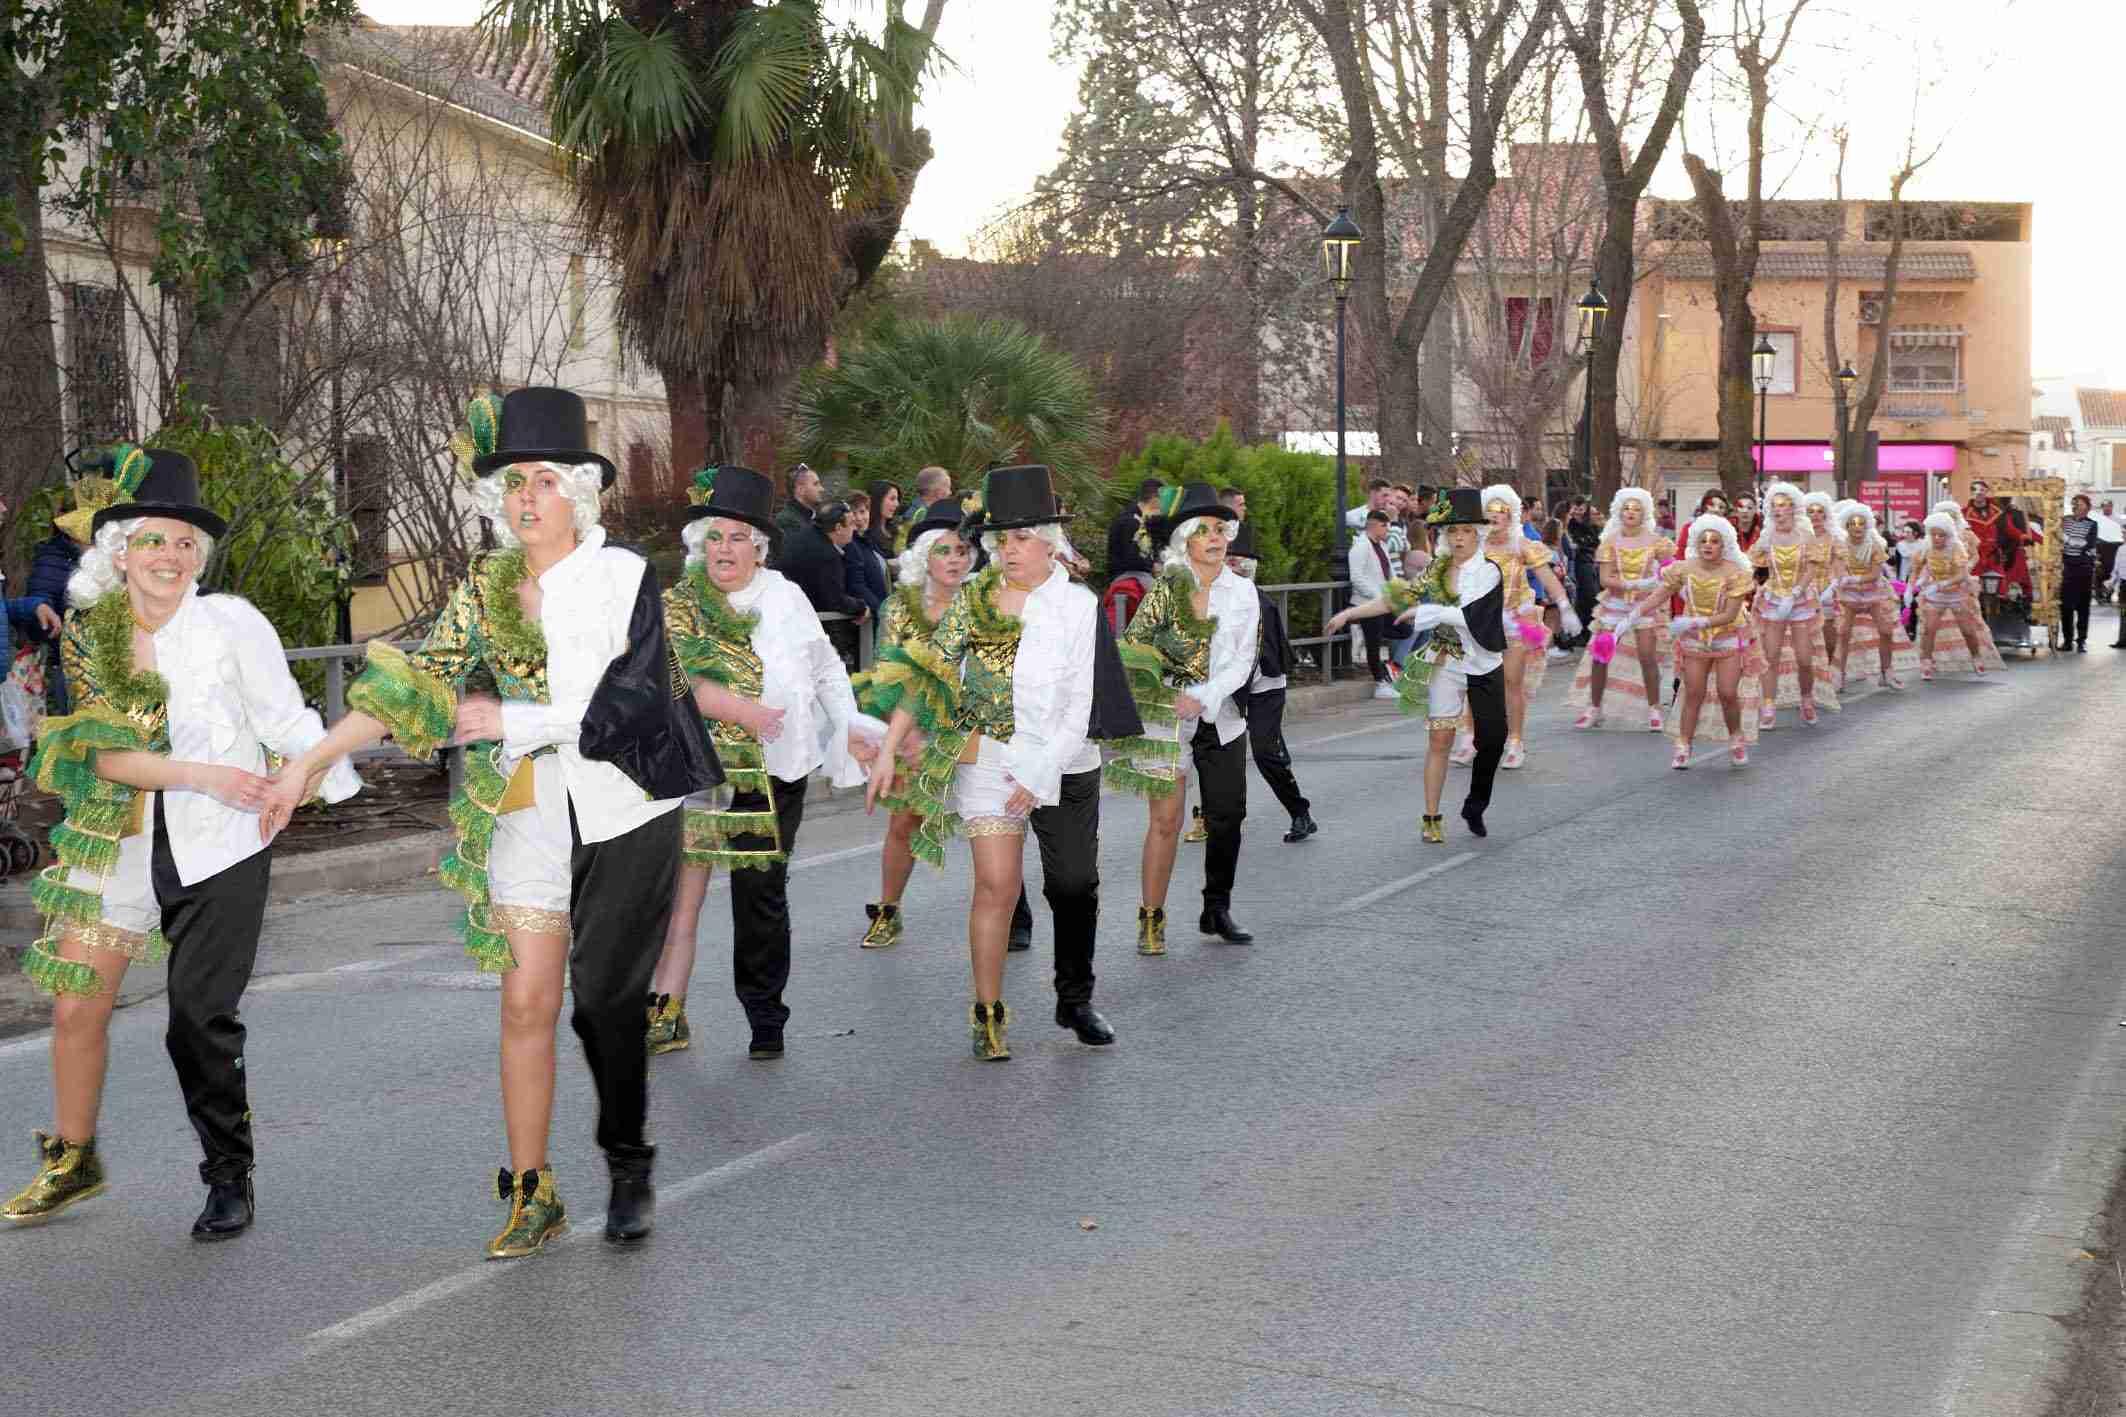 Ritmo, color y mucha originalidad en el Desfile de Comparsas 2020 de Argamasilla de Alba 45